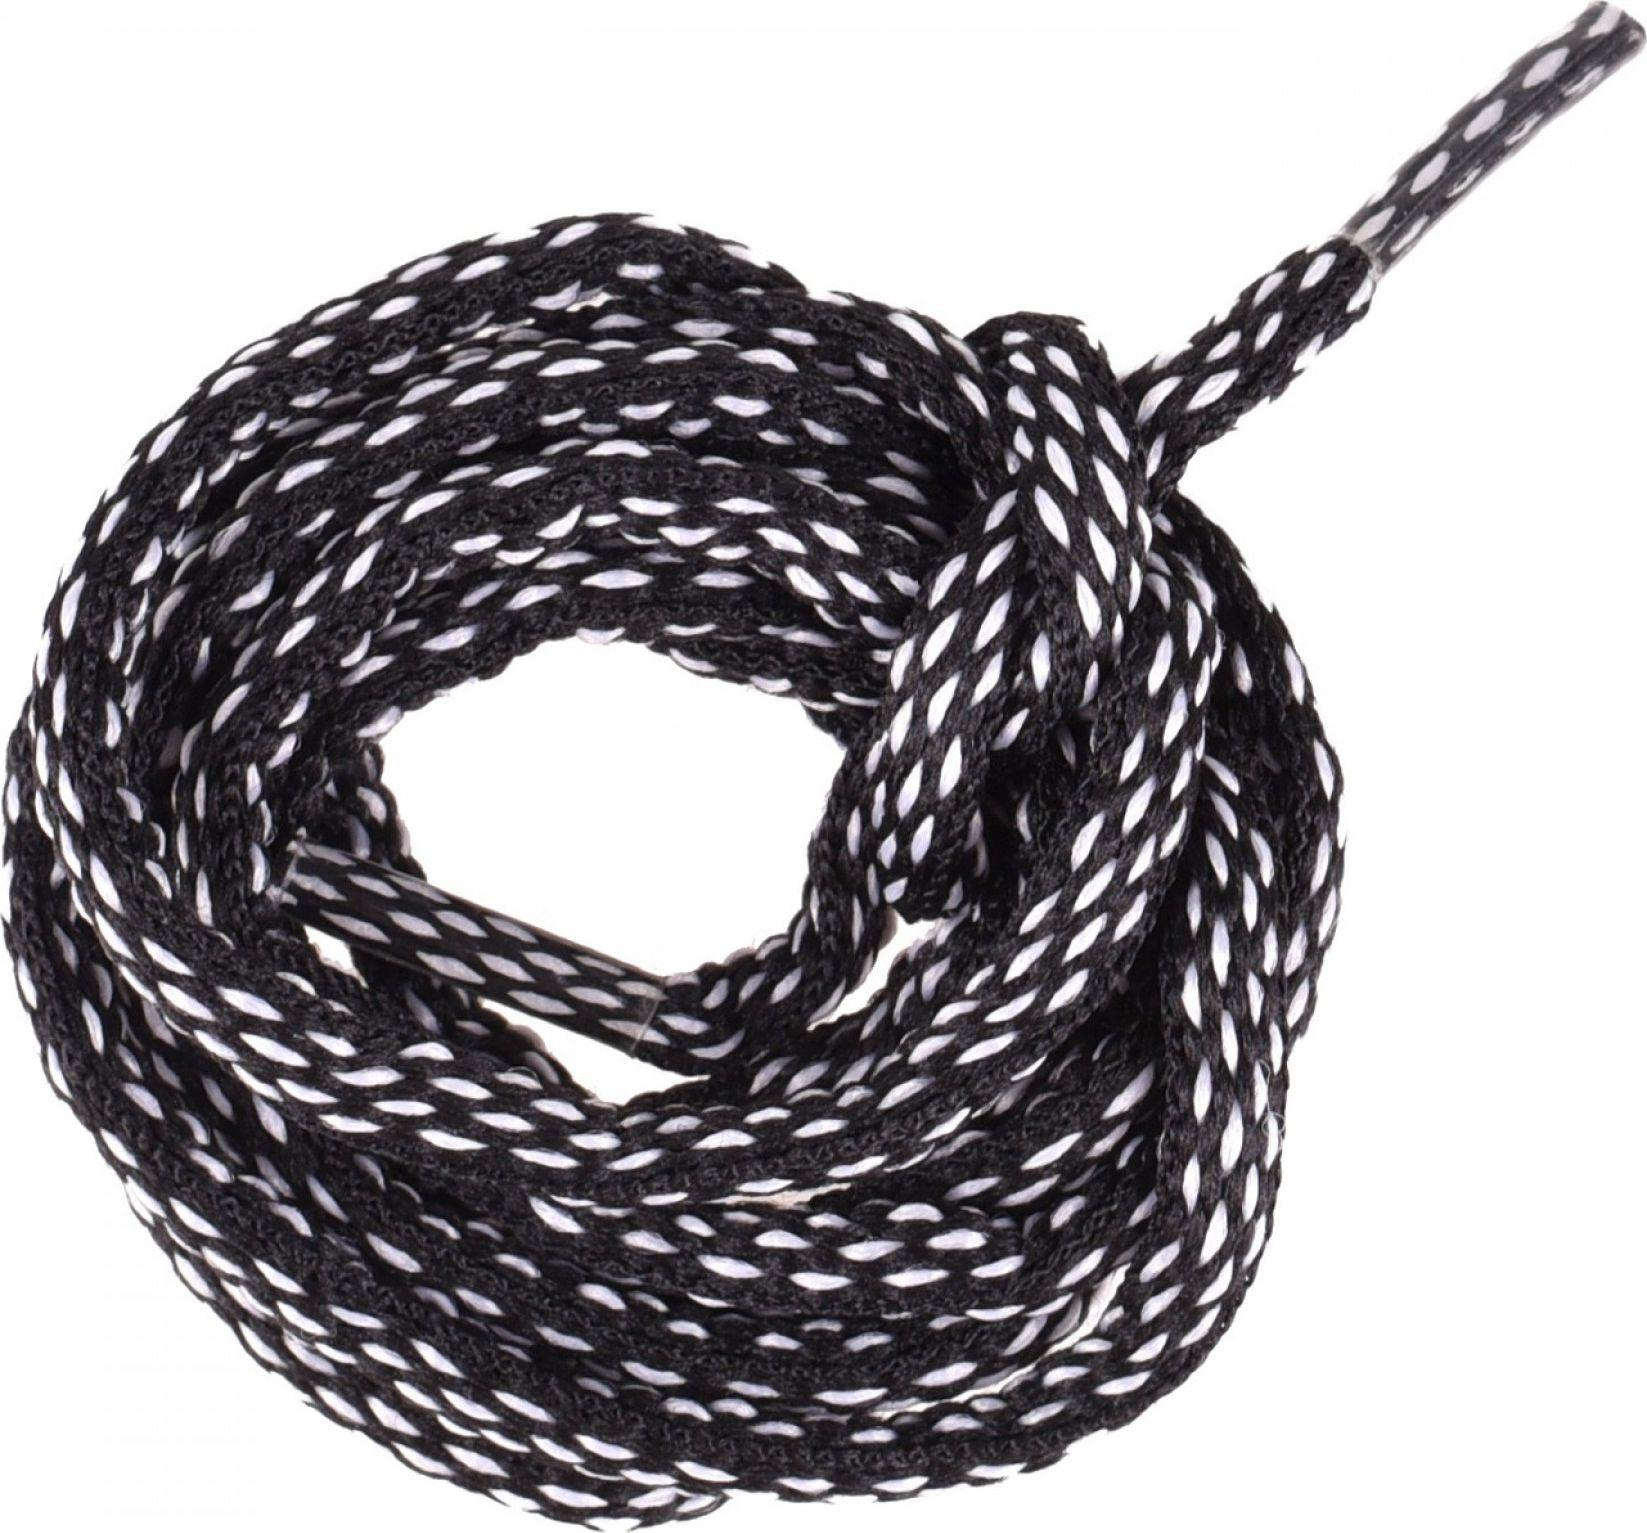 Elbrus Sznurowki Lace Discovery black/white 150 cm 5902786056149 Kopšanas līdzekļi apaviem